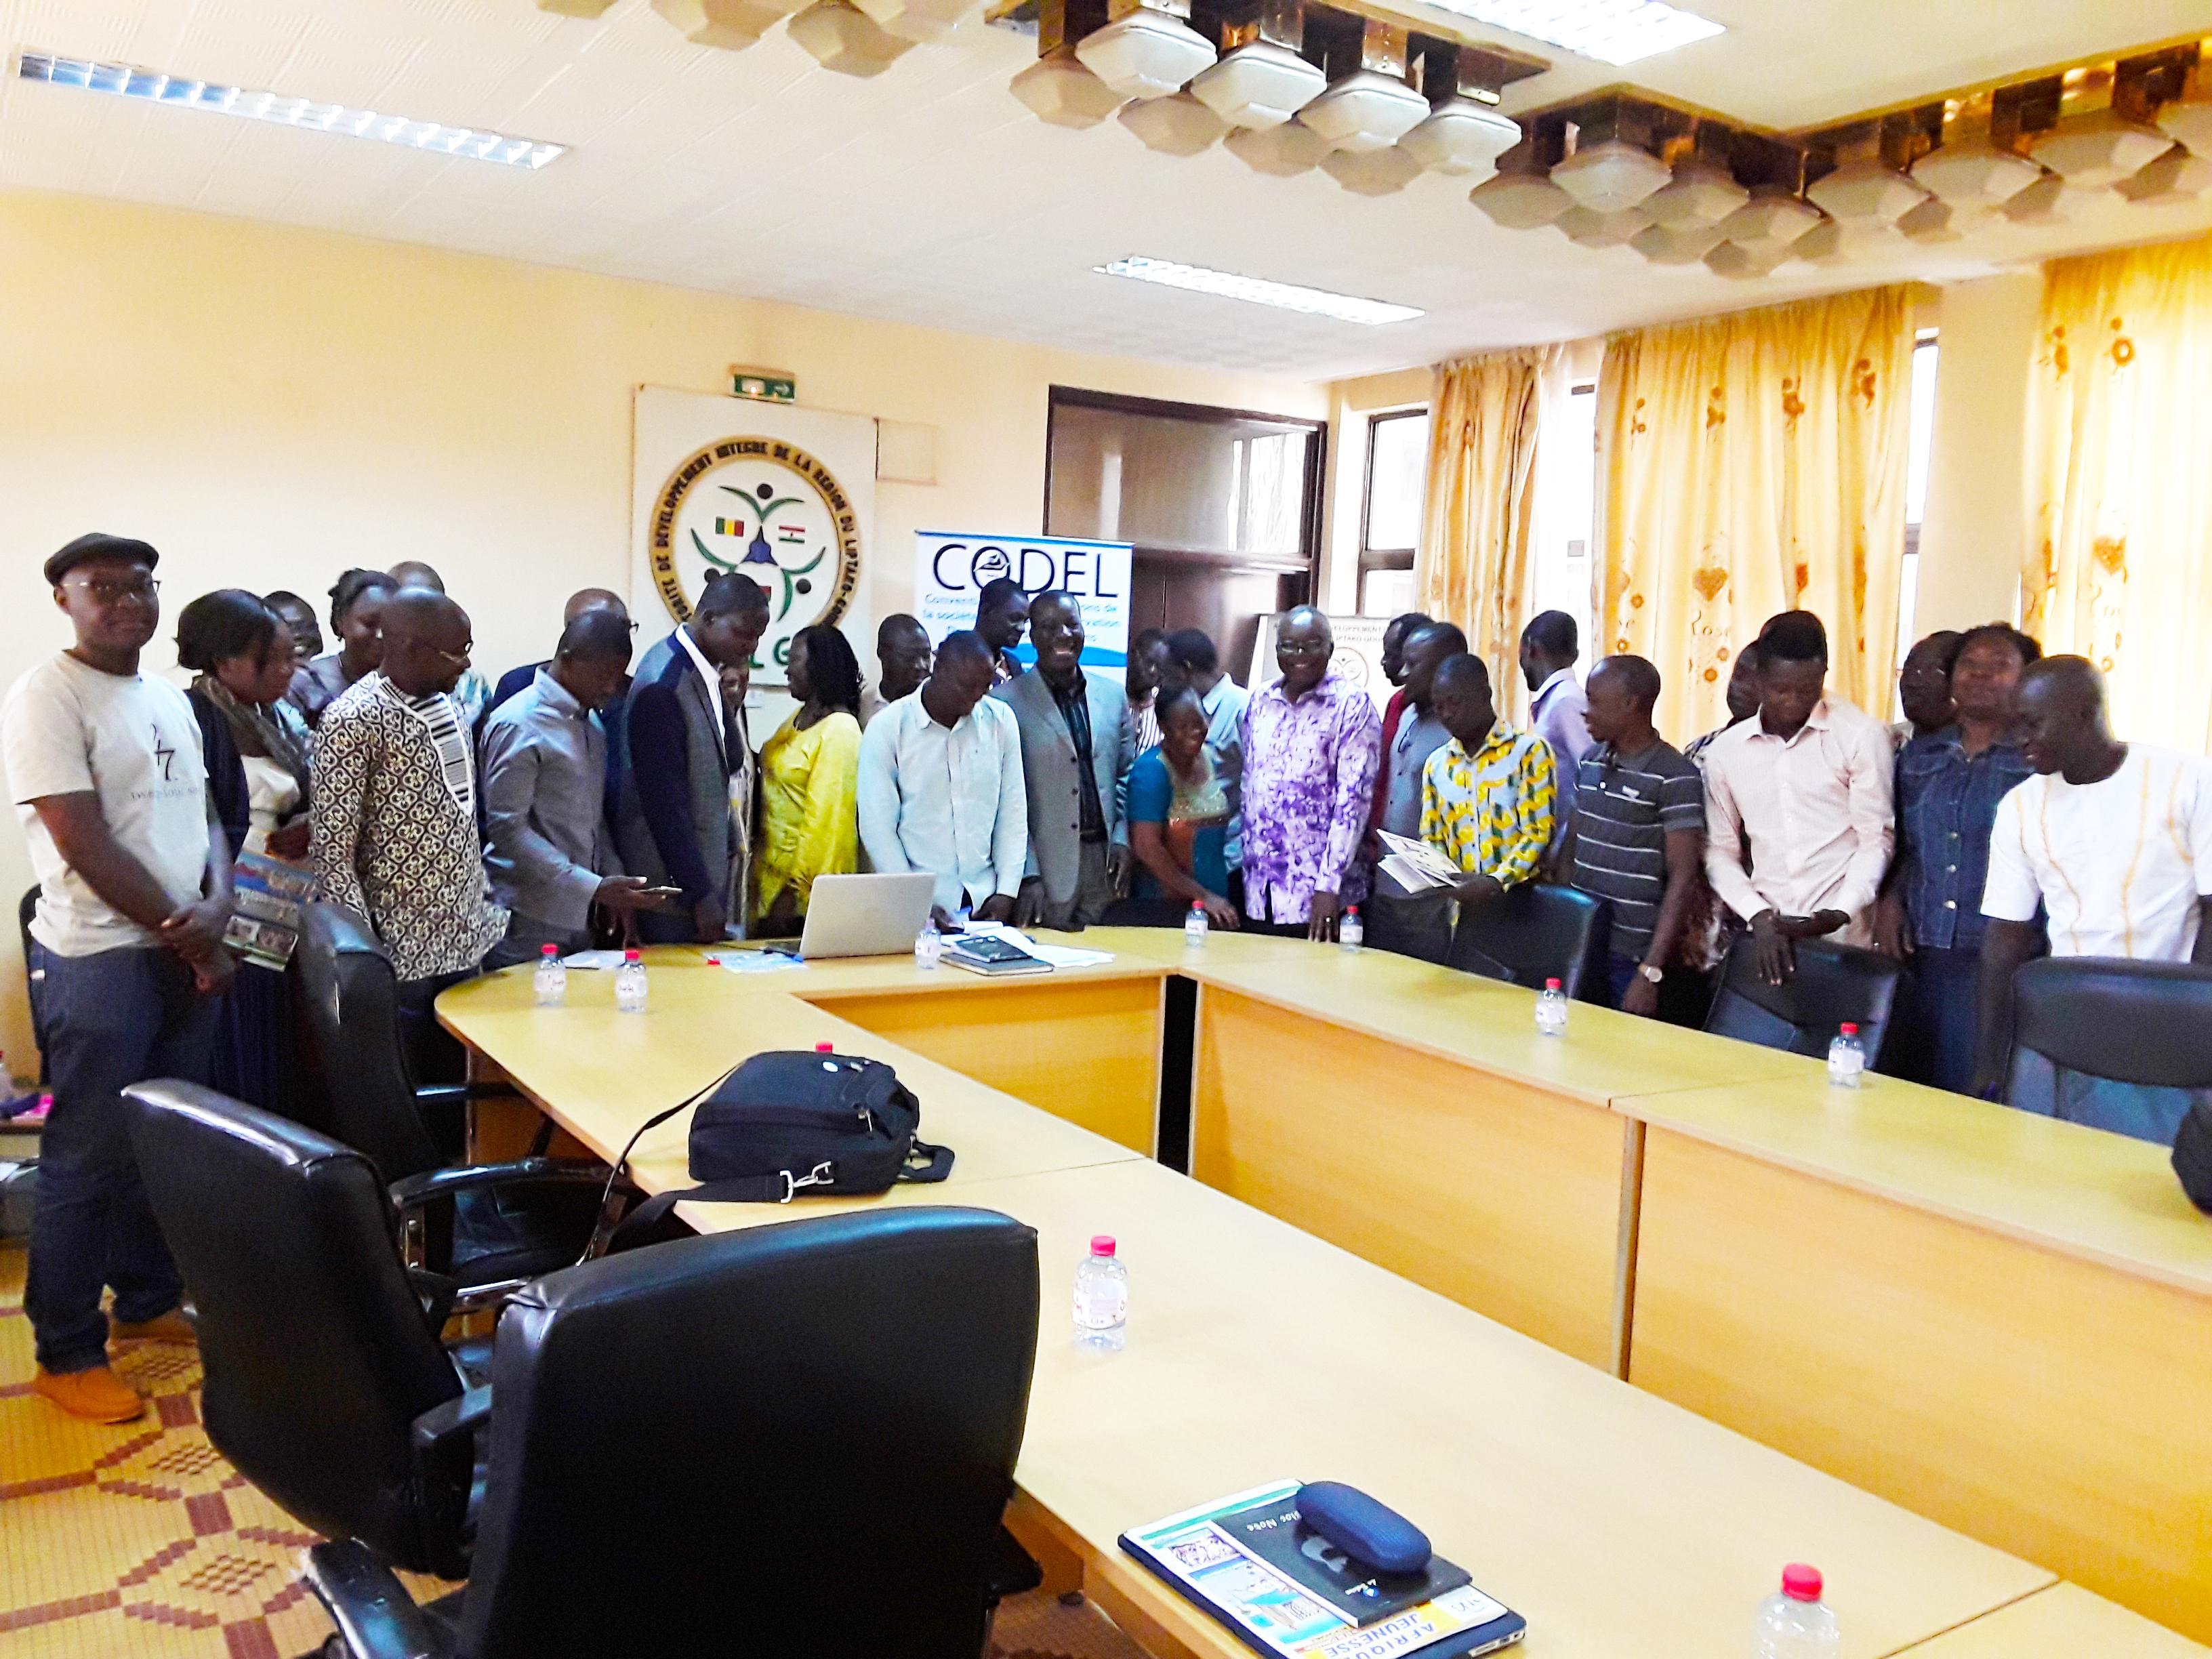 L'Etat de droit démocratique au Burkina Faso : La CODEL recherche des pites de consolidation